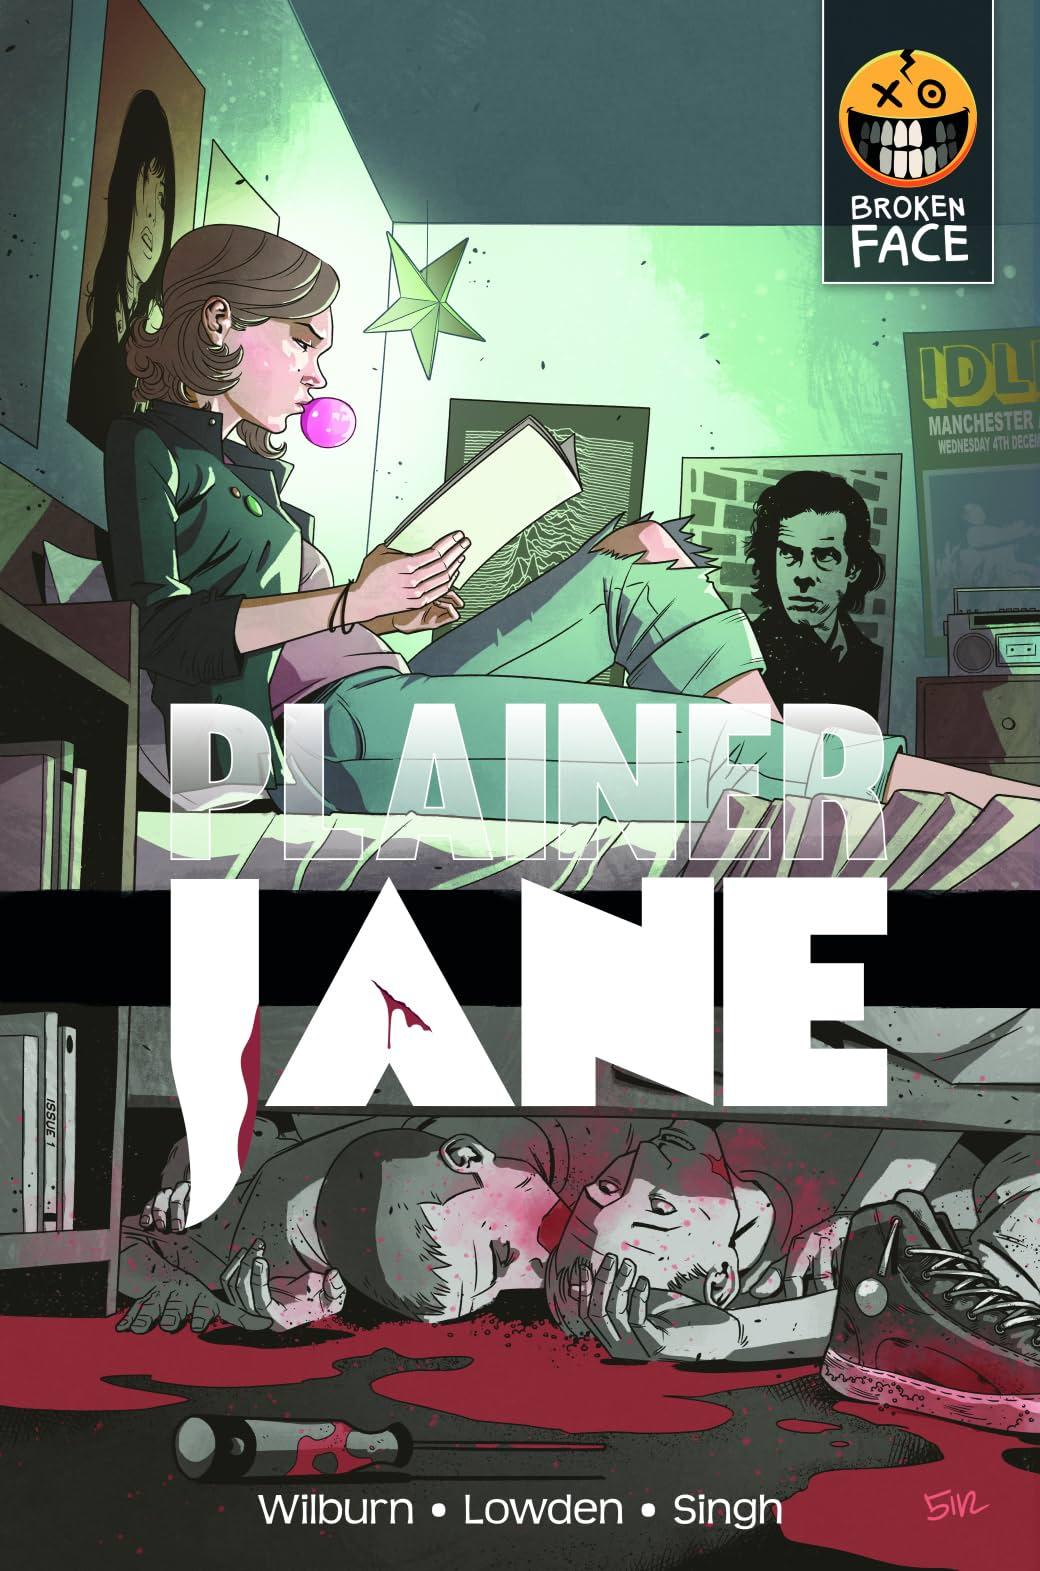 Plainer Jane #1